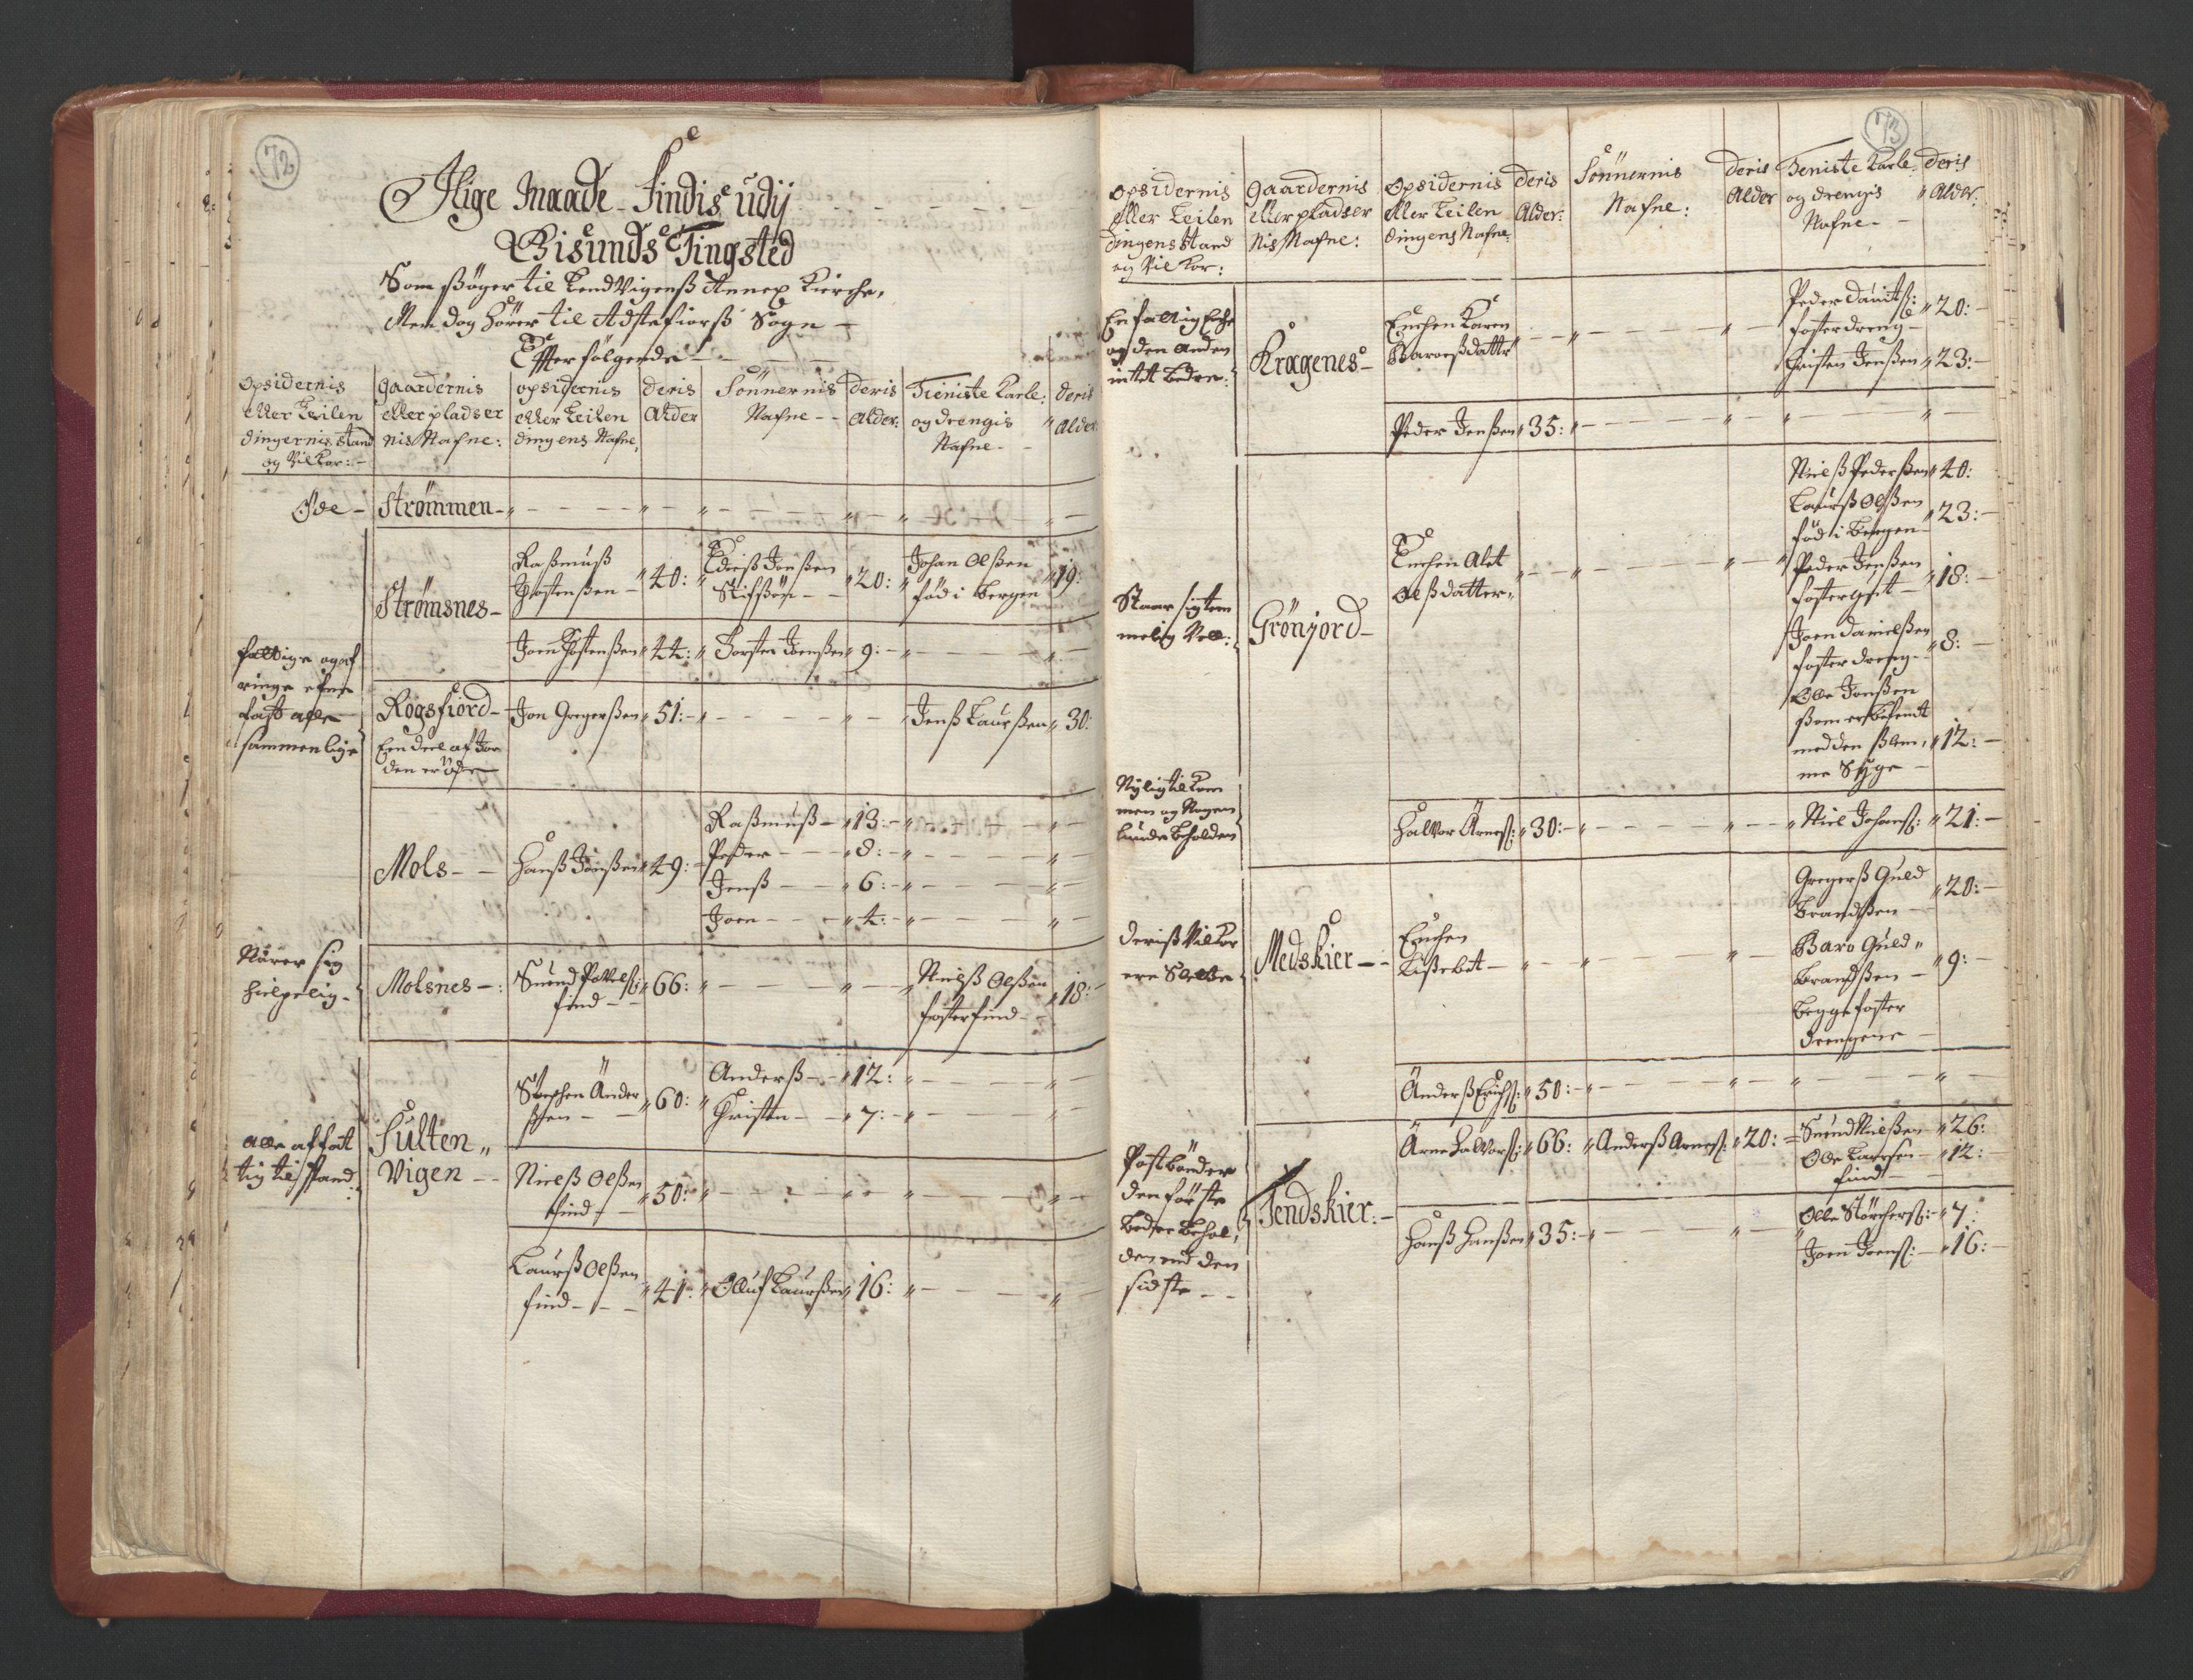 RA, Manntallet 1701, nr. 19: Senja og Tromsø fogderi, 1701, s. 72-73